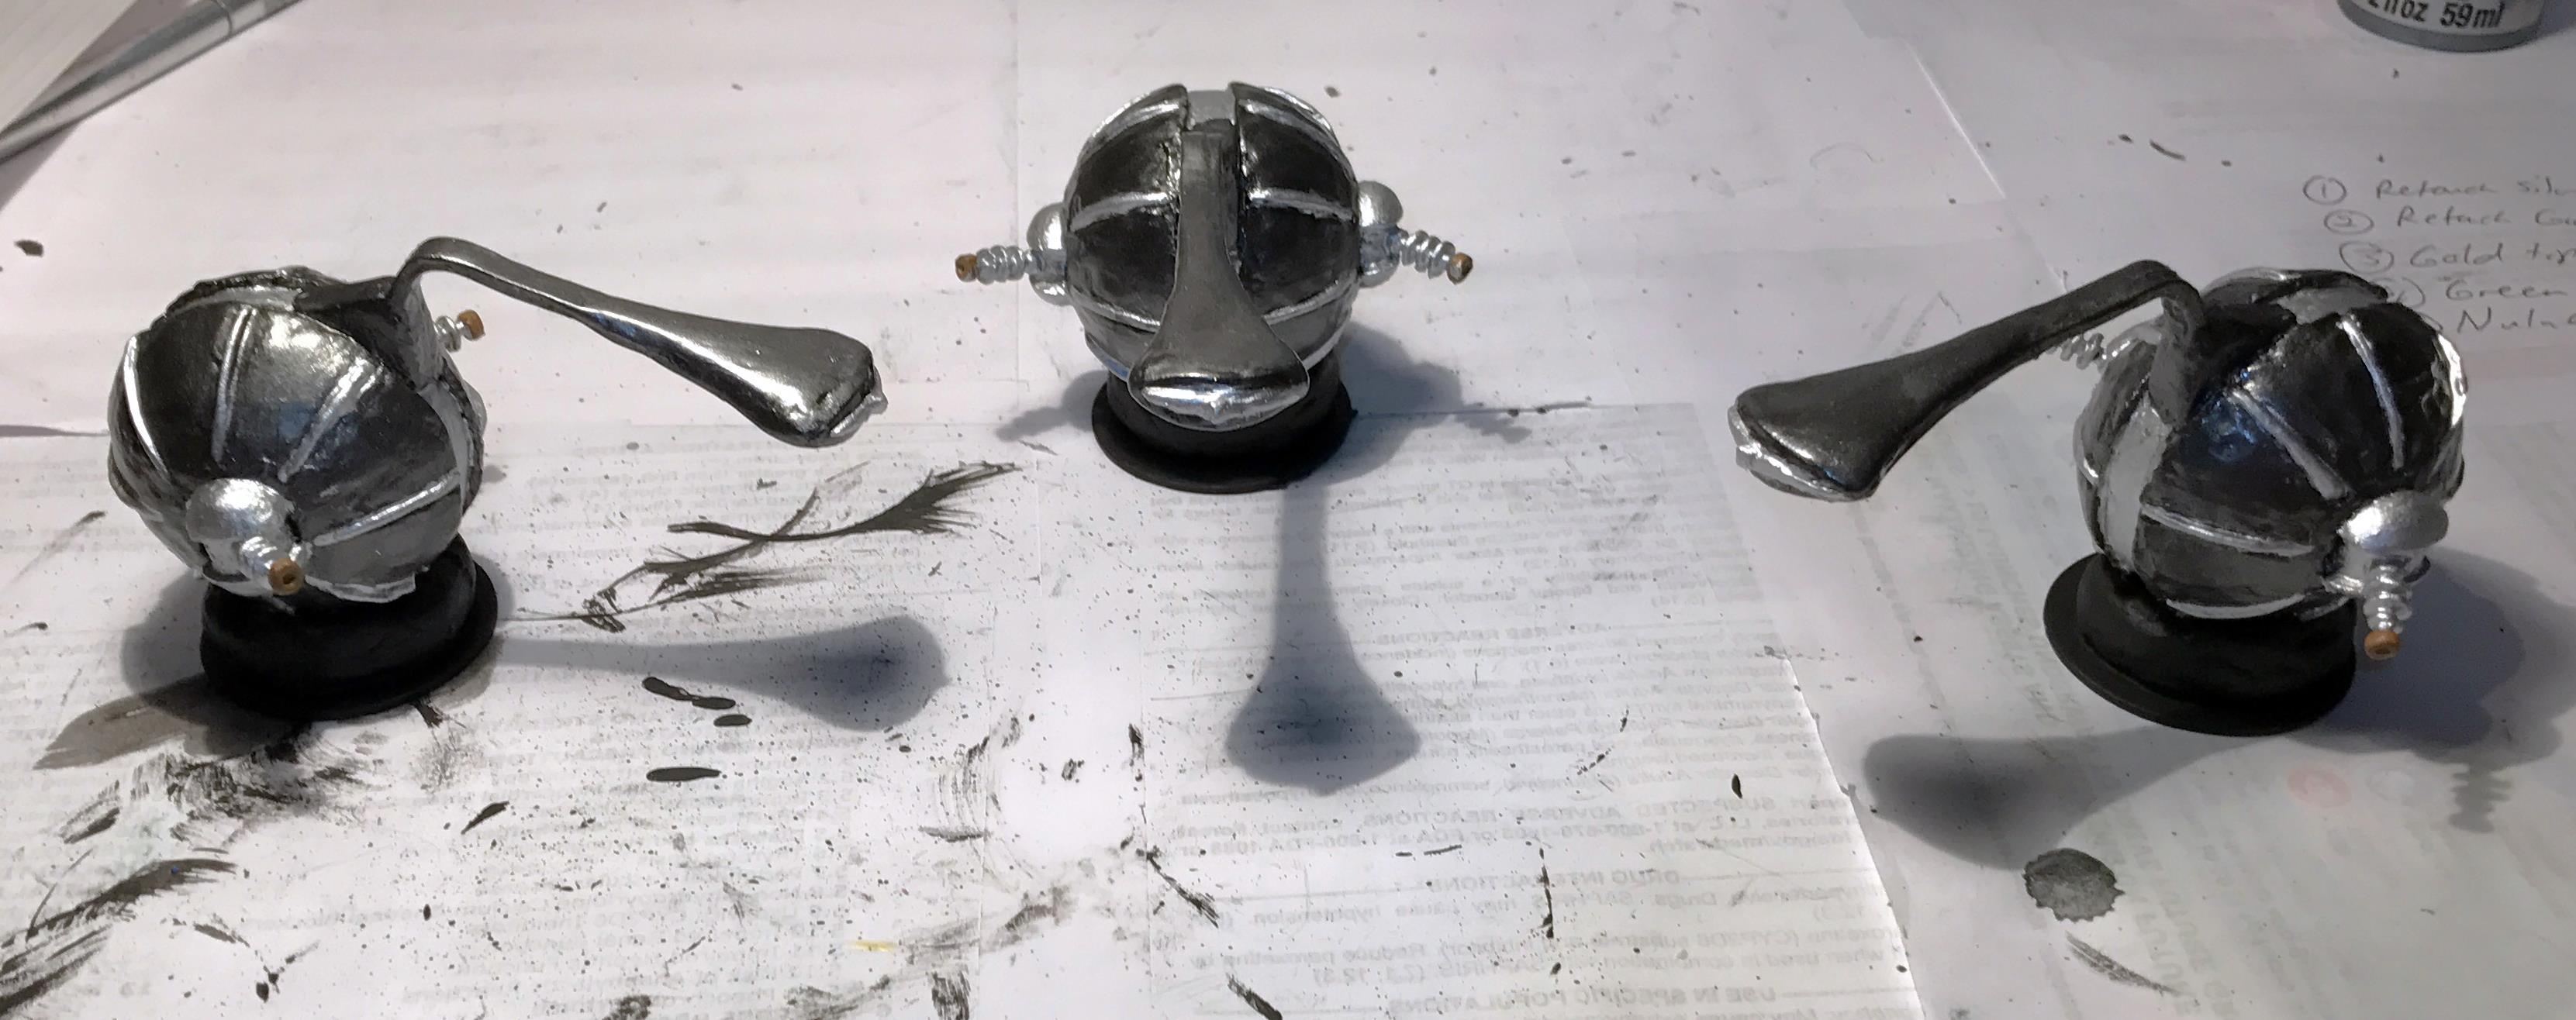 27-mark-1-tanks-after-base-coating